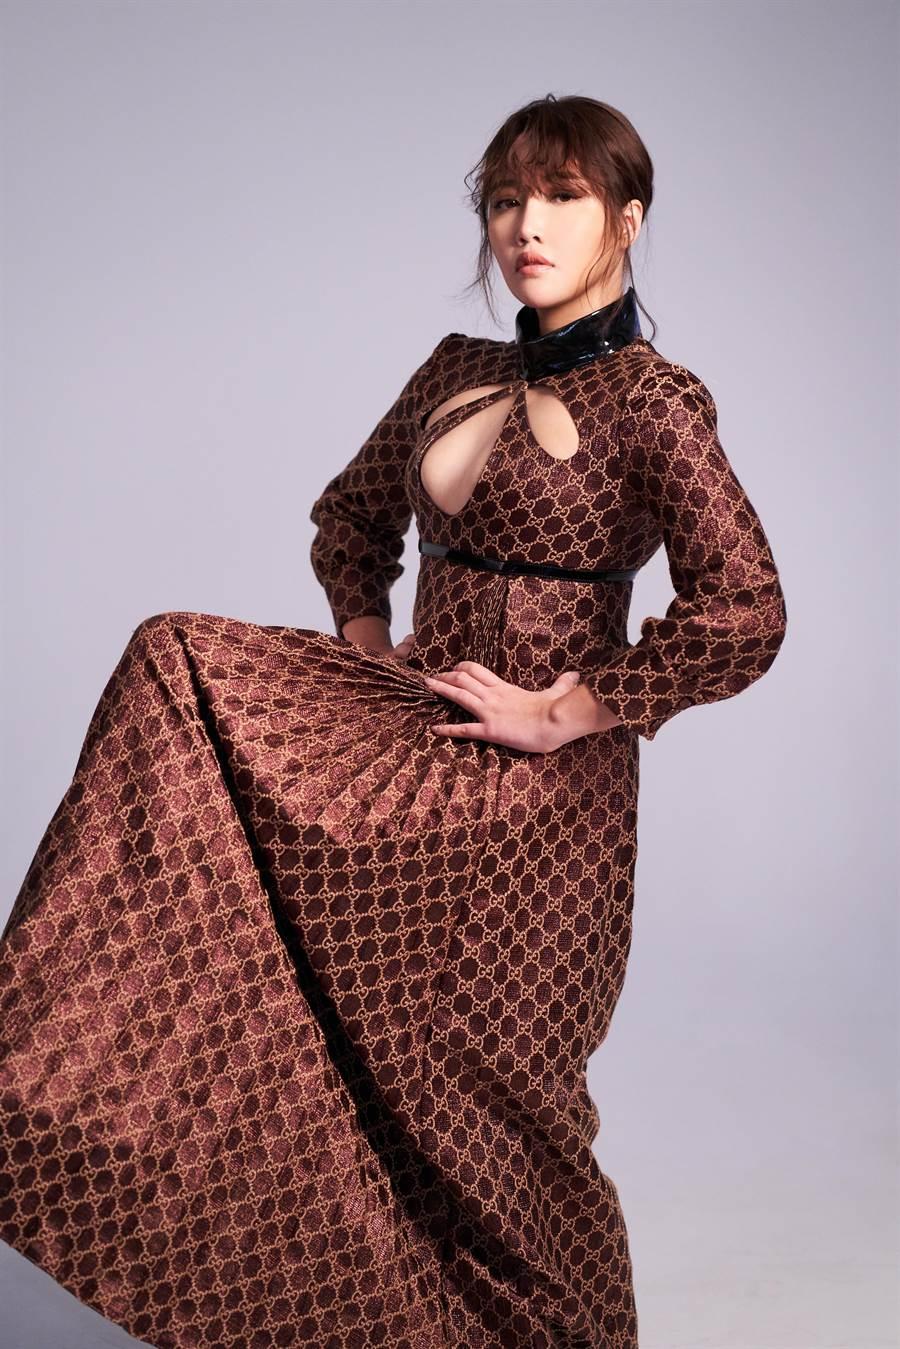 實力唱將A-Lin最近犯歌癮,在頂樓開辦線上演唱會,穿上GUCCI布滿GG LOGO小禮服,展現女王架勢。(JOJ PHOTO攝影,服裝提供/GUCCI)